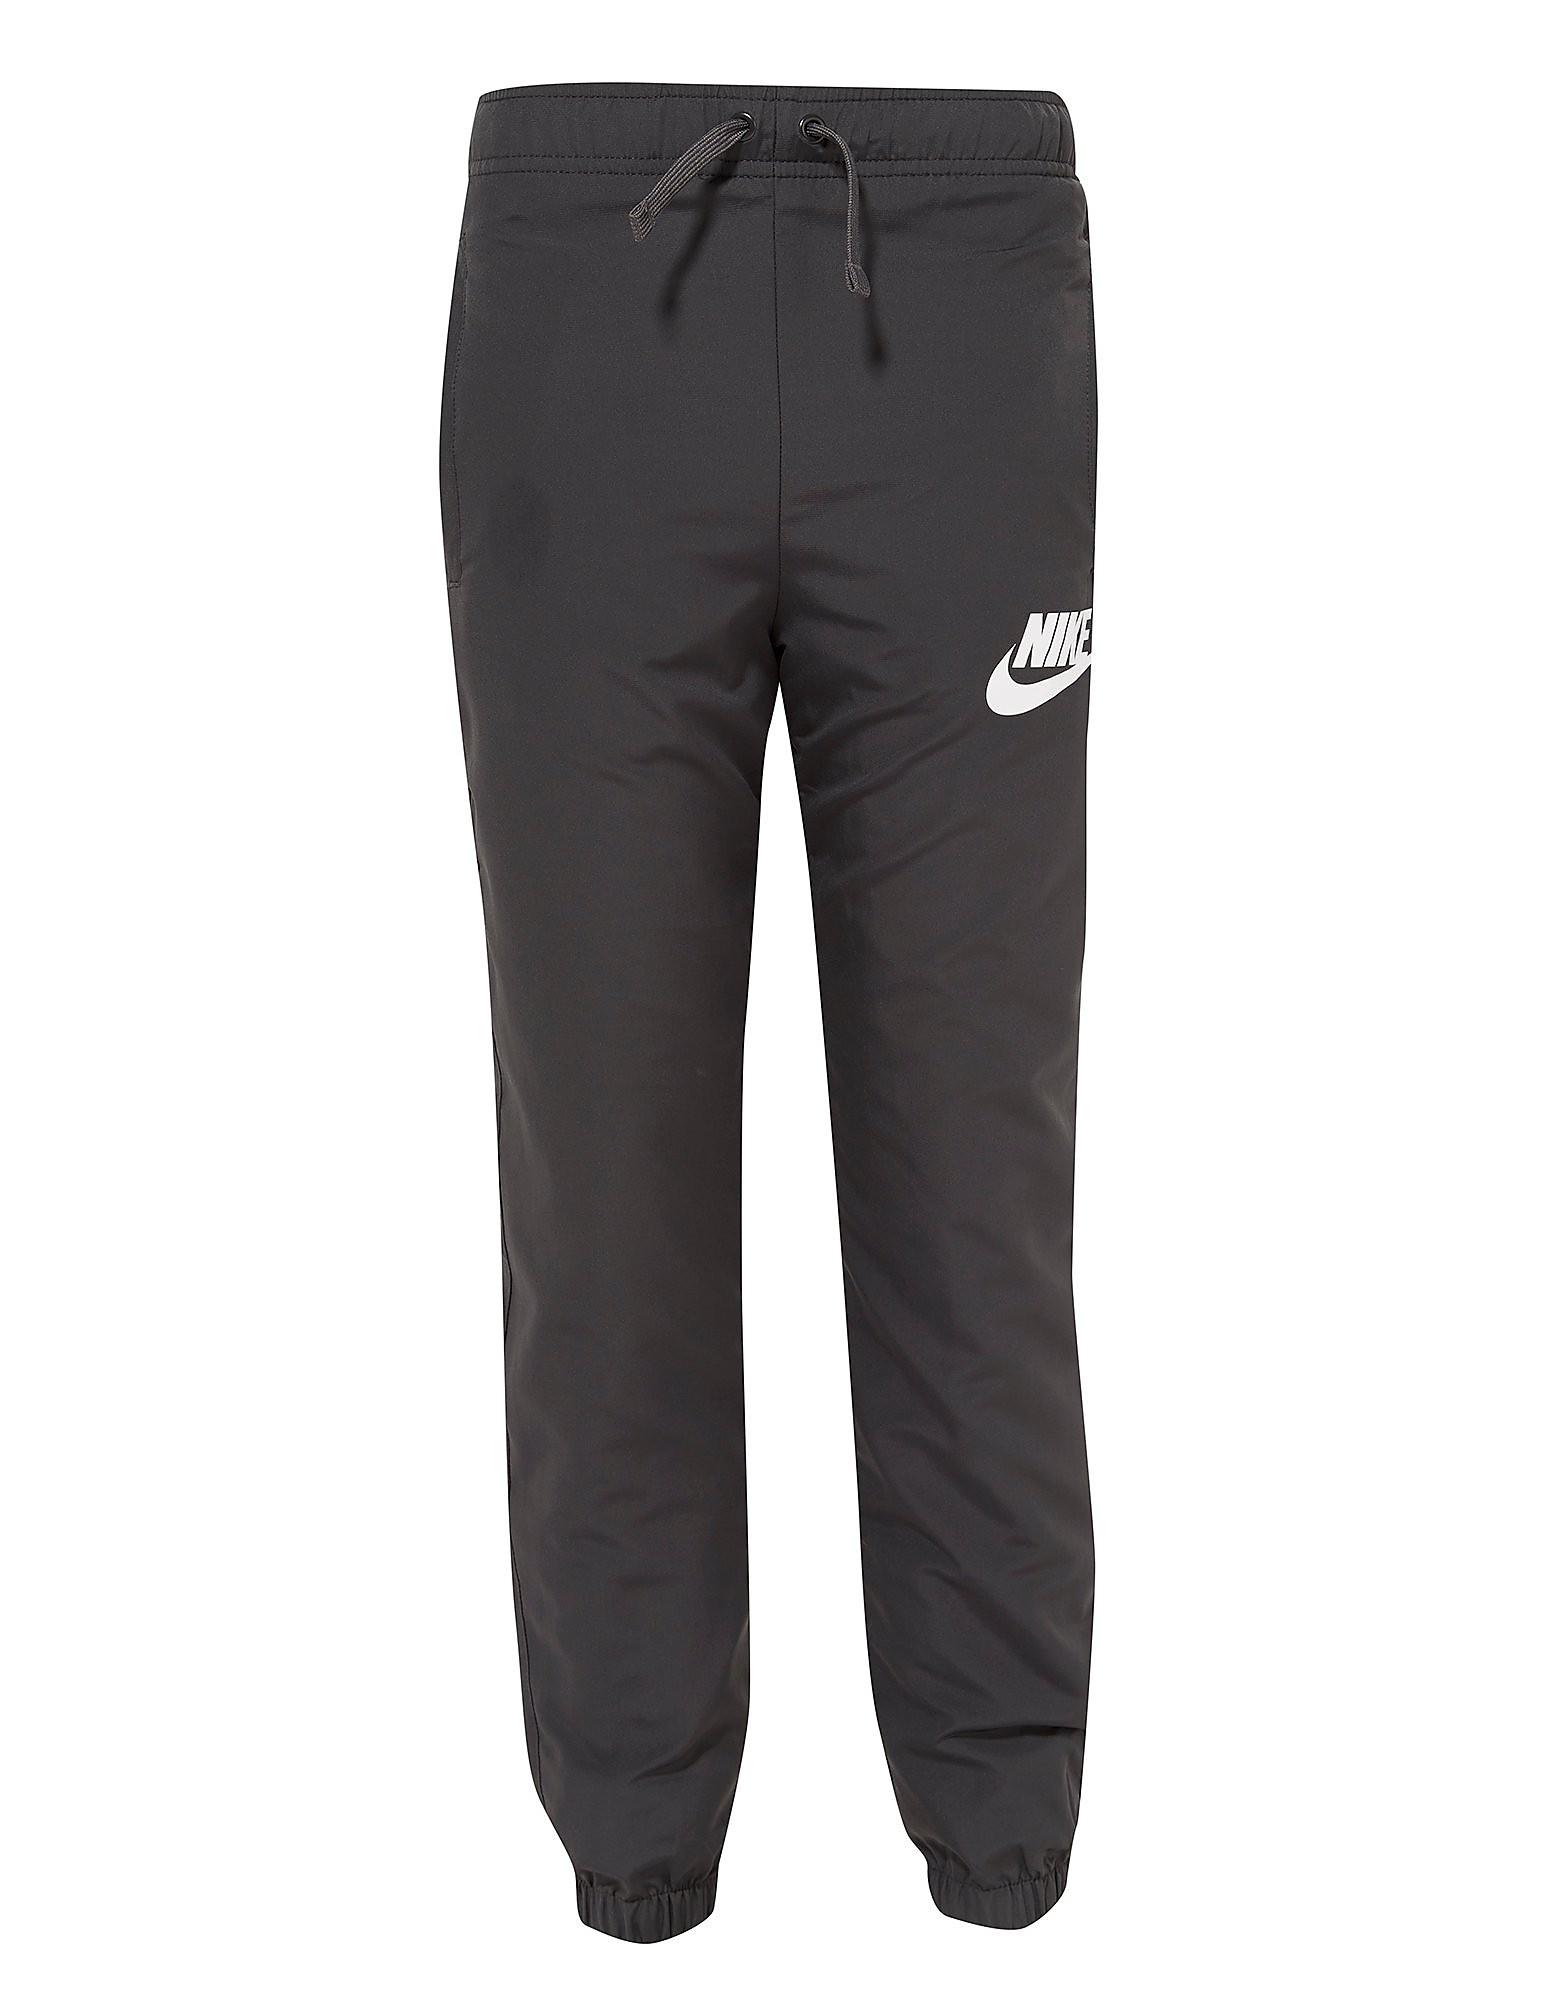 Nike Winger Pants Junior